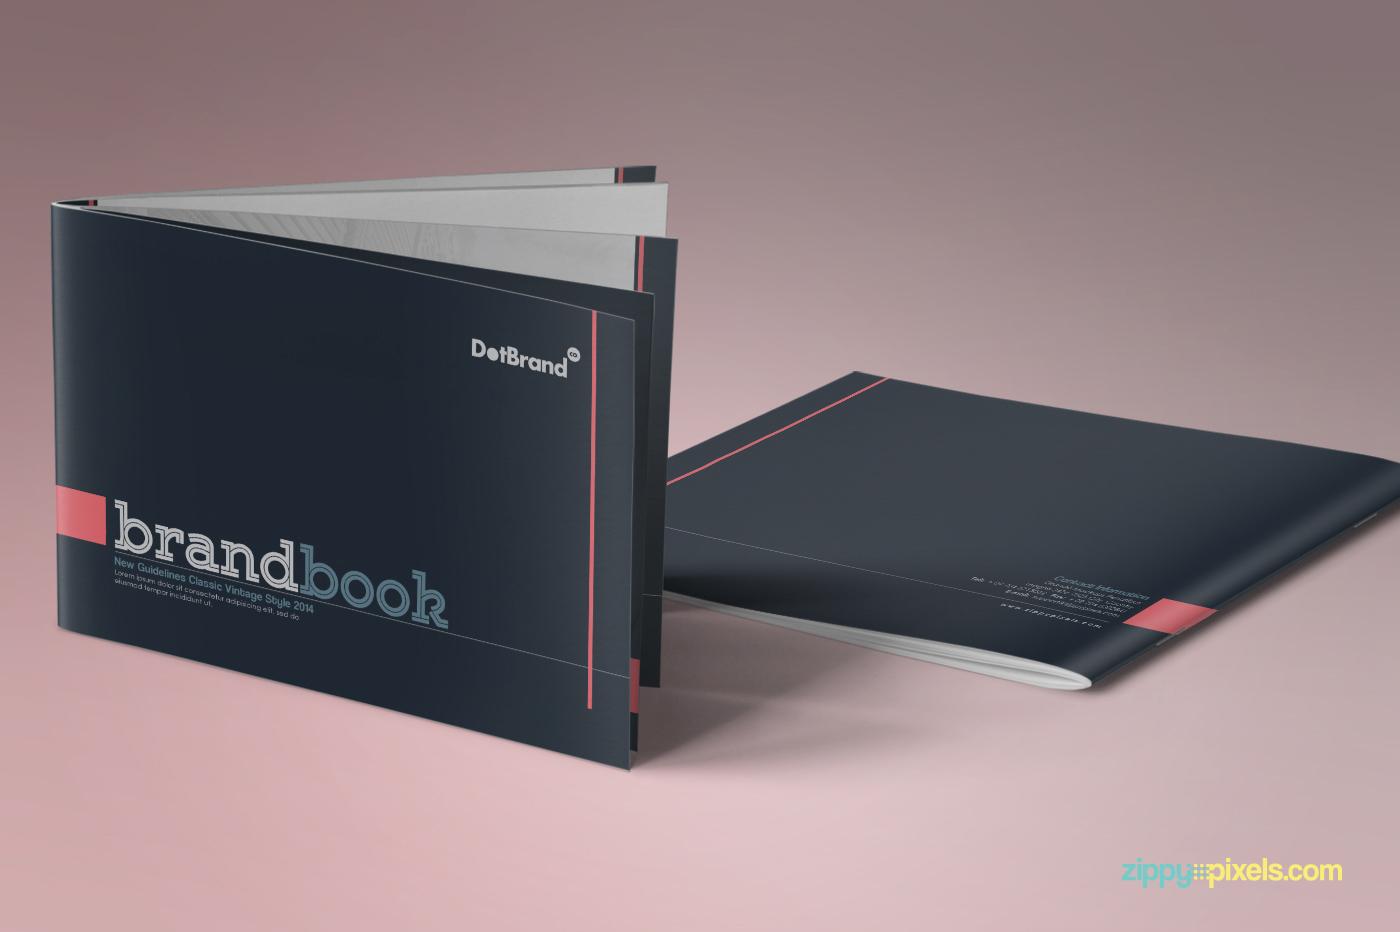 Un diseño de brand book que deben tener las empresas - Ideakreativa